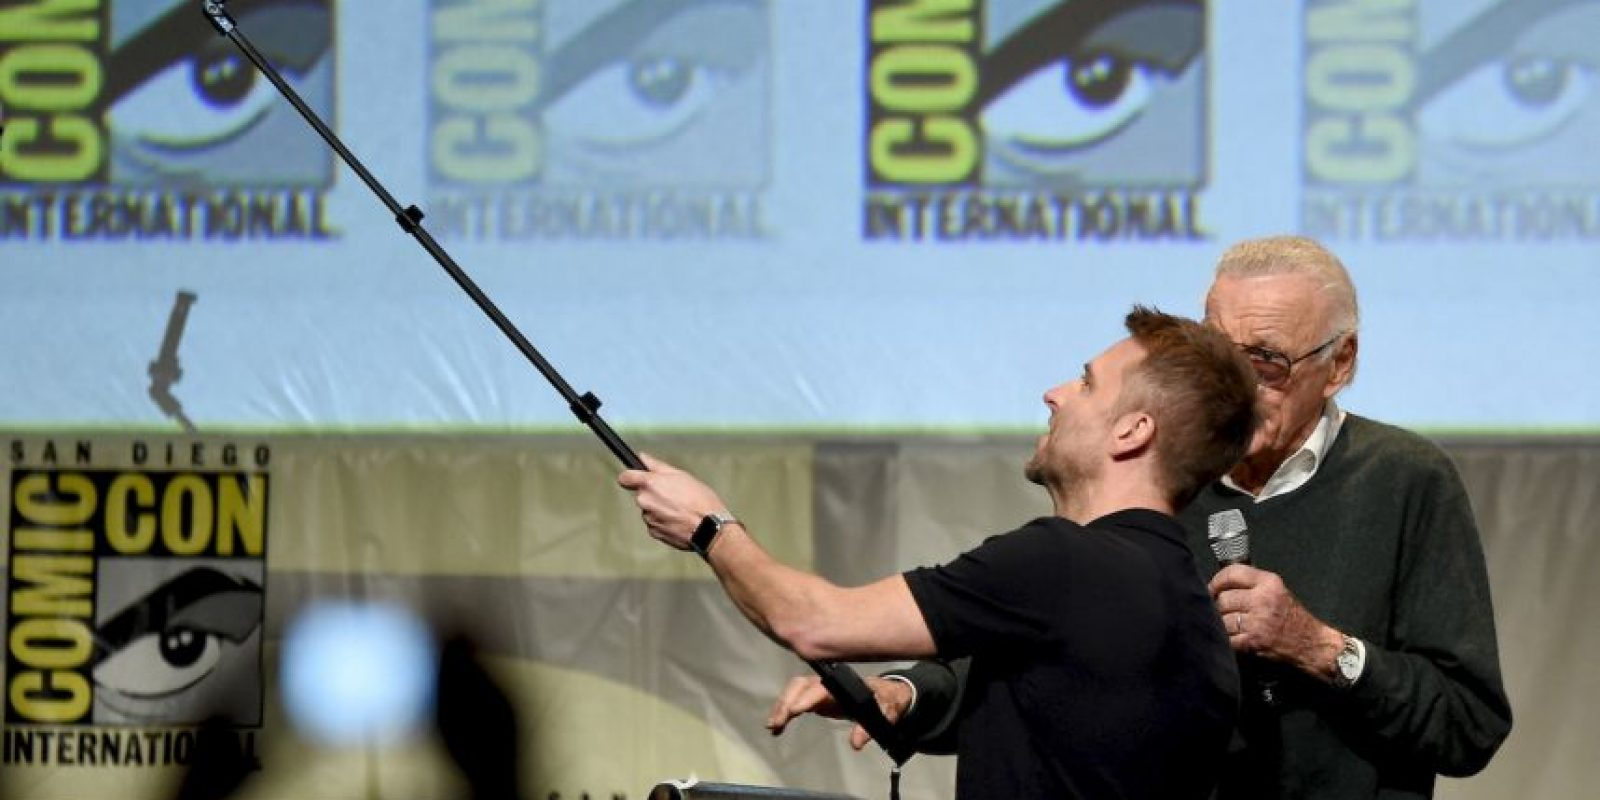 La edición de la Comic Con 2015 será recordada por la incónica fotografía en la que aparece Stan Lee junto a más de una decena de superhéroes. Foto:Getty Images